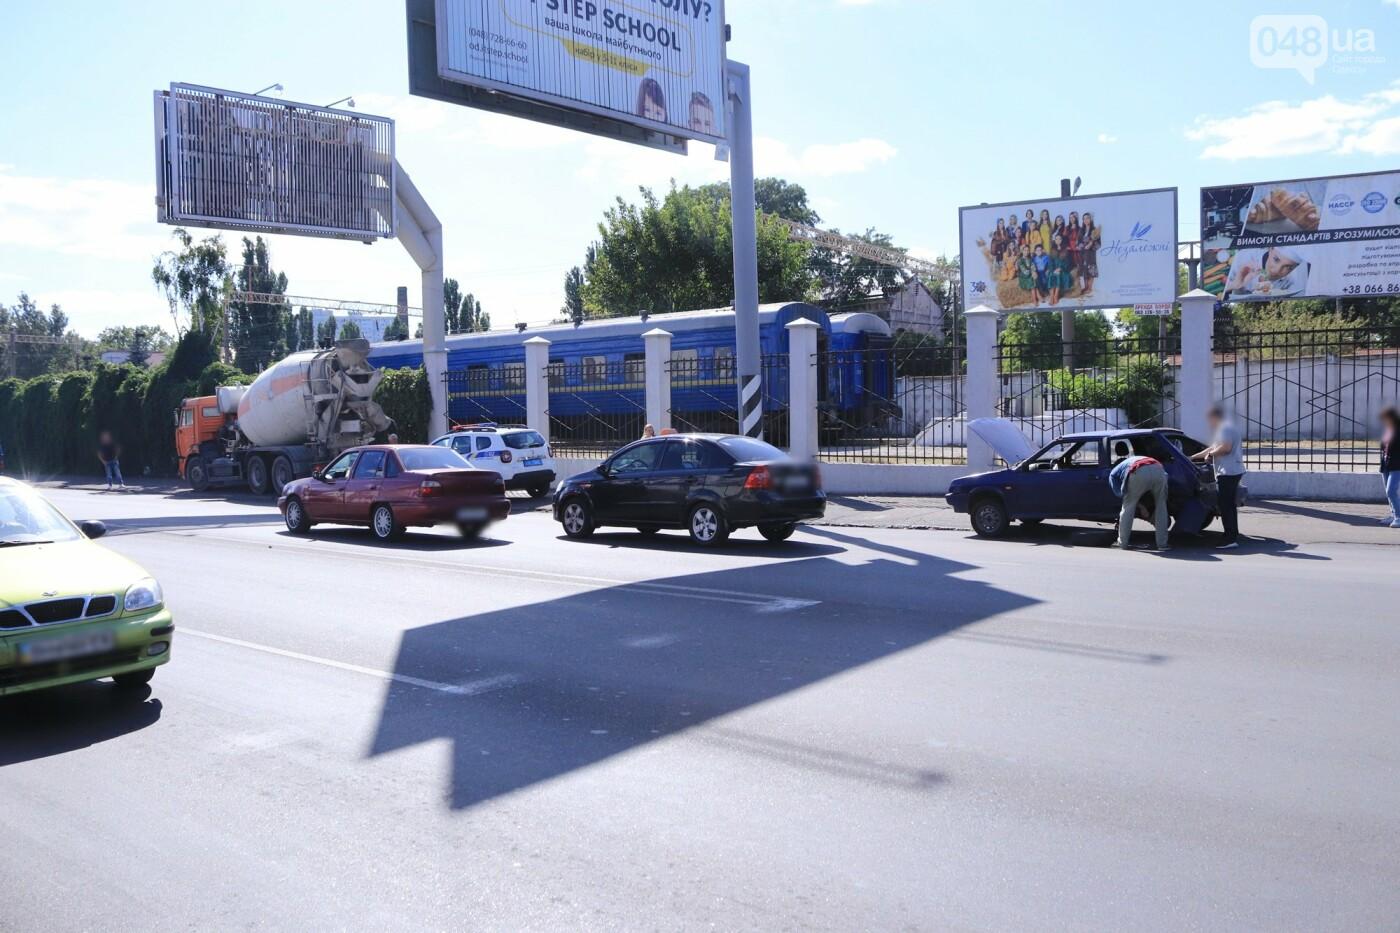 Могли взорваться: в Одессе КАМАЗ протаранил на светофоре легковушку с баллоном газа в багажнике, - ФОТО , фото-8